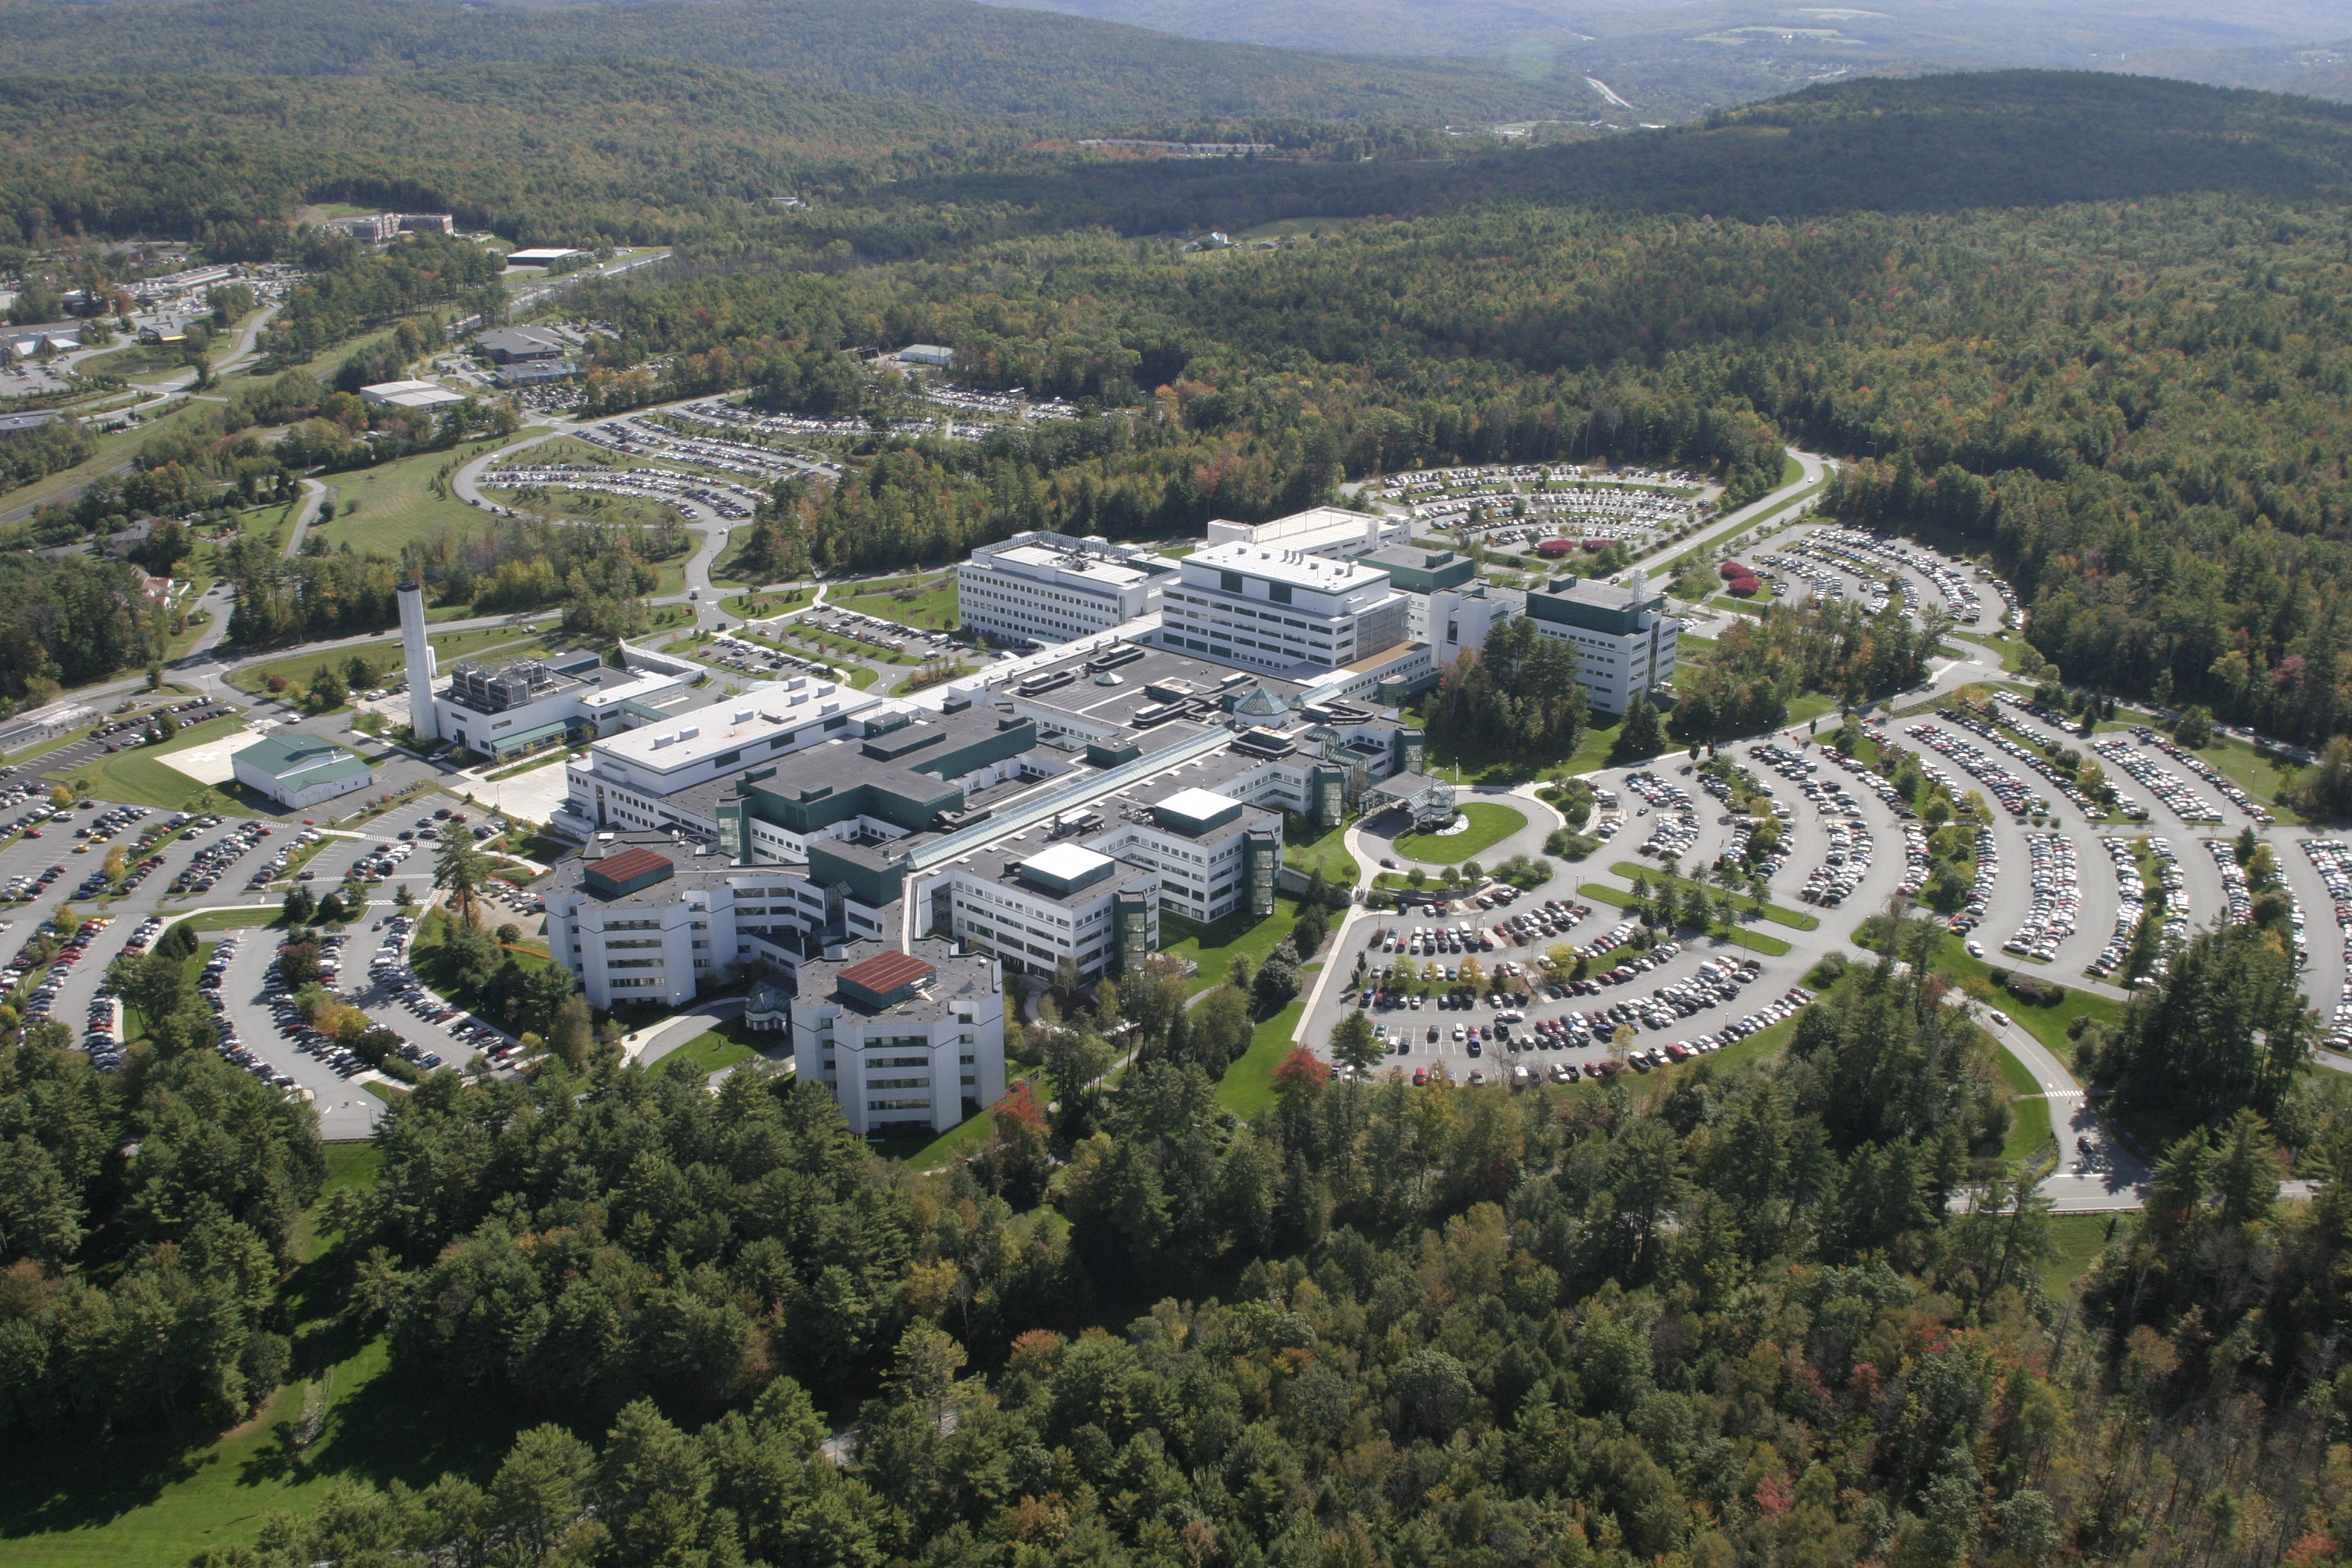 DHMC Aerial View